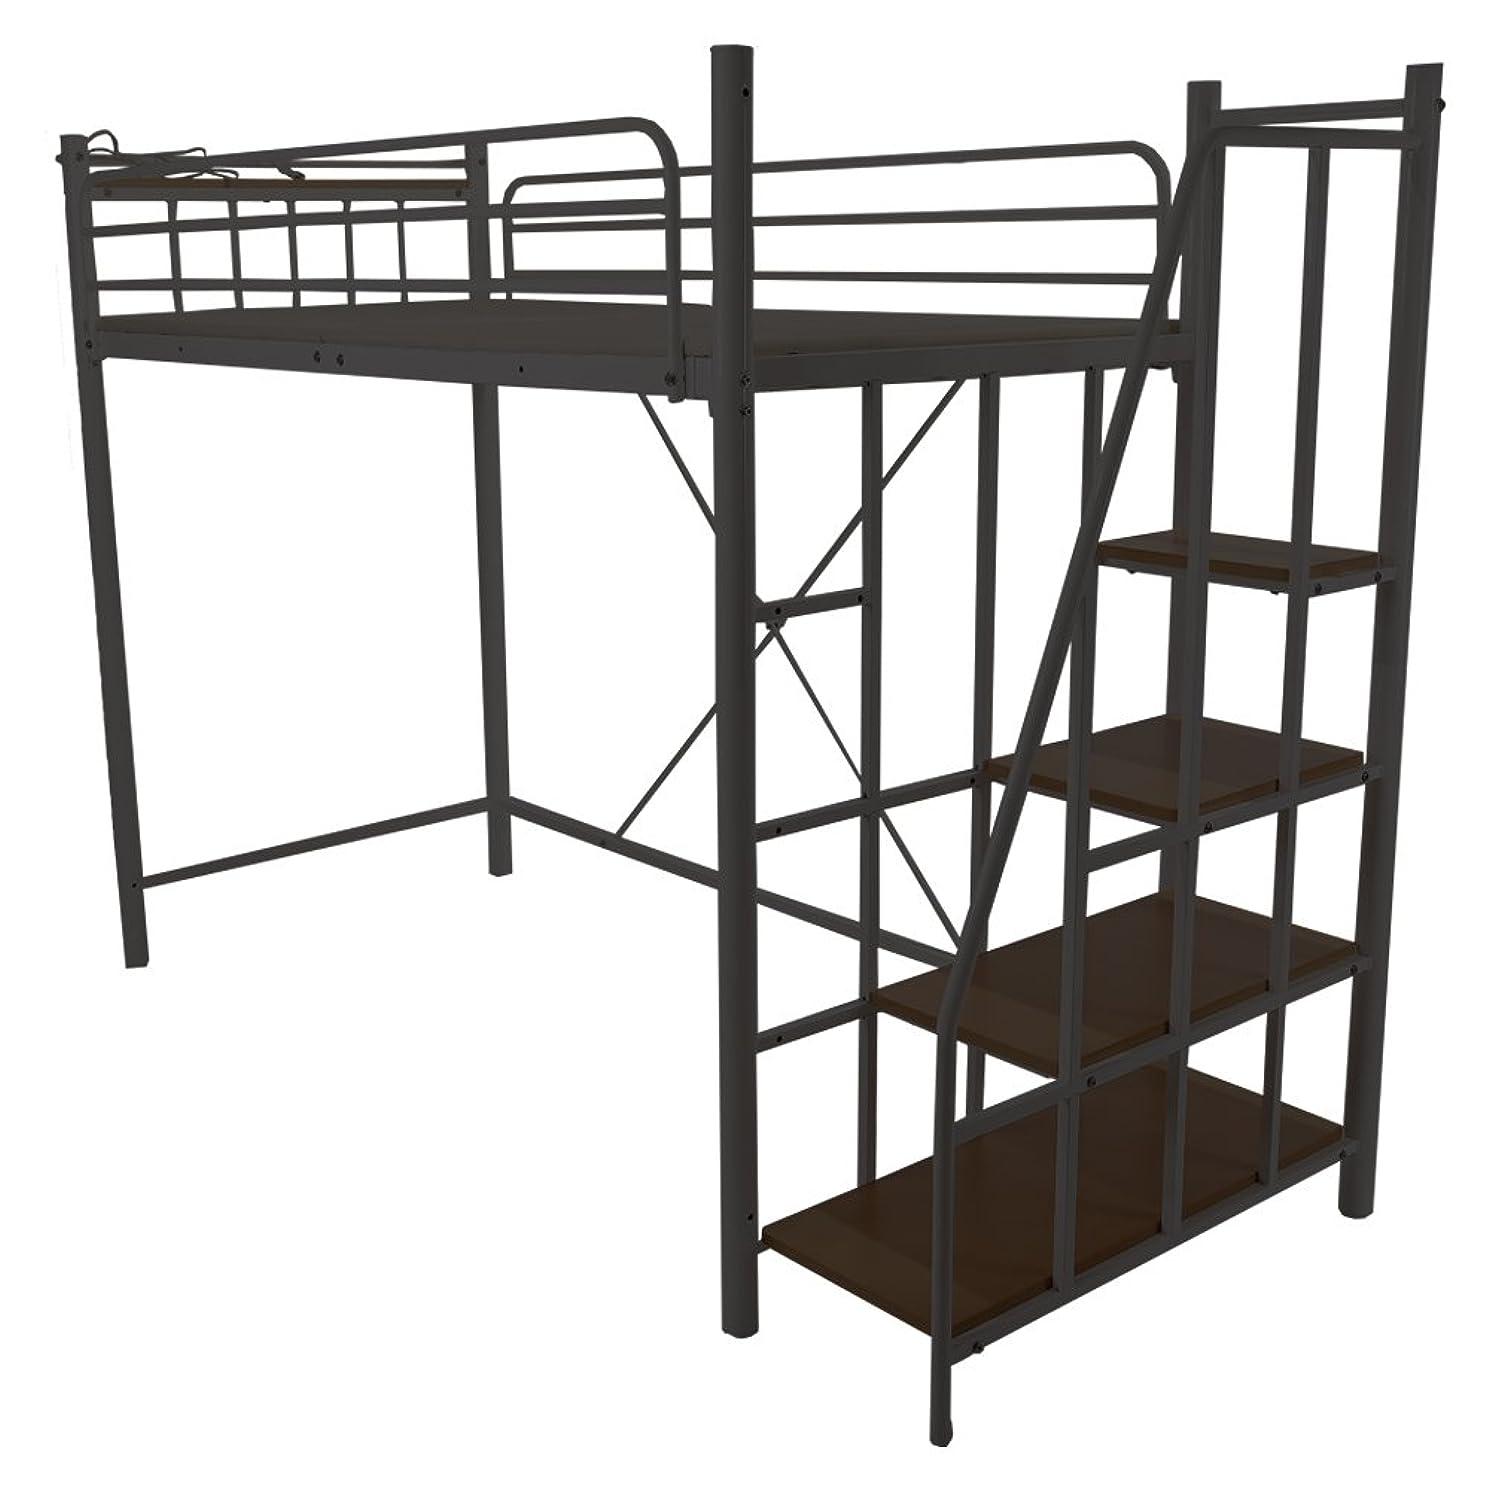 評判蓋品種UNE BONNE(ウネボネ) はしご スペース ロフトベッド 一人暮らし用?子供部屋 二段ベッド シングルベッドフレームBLACK